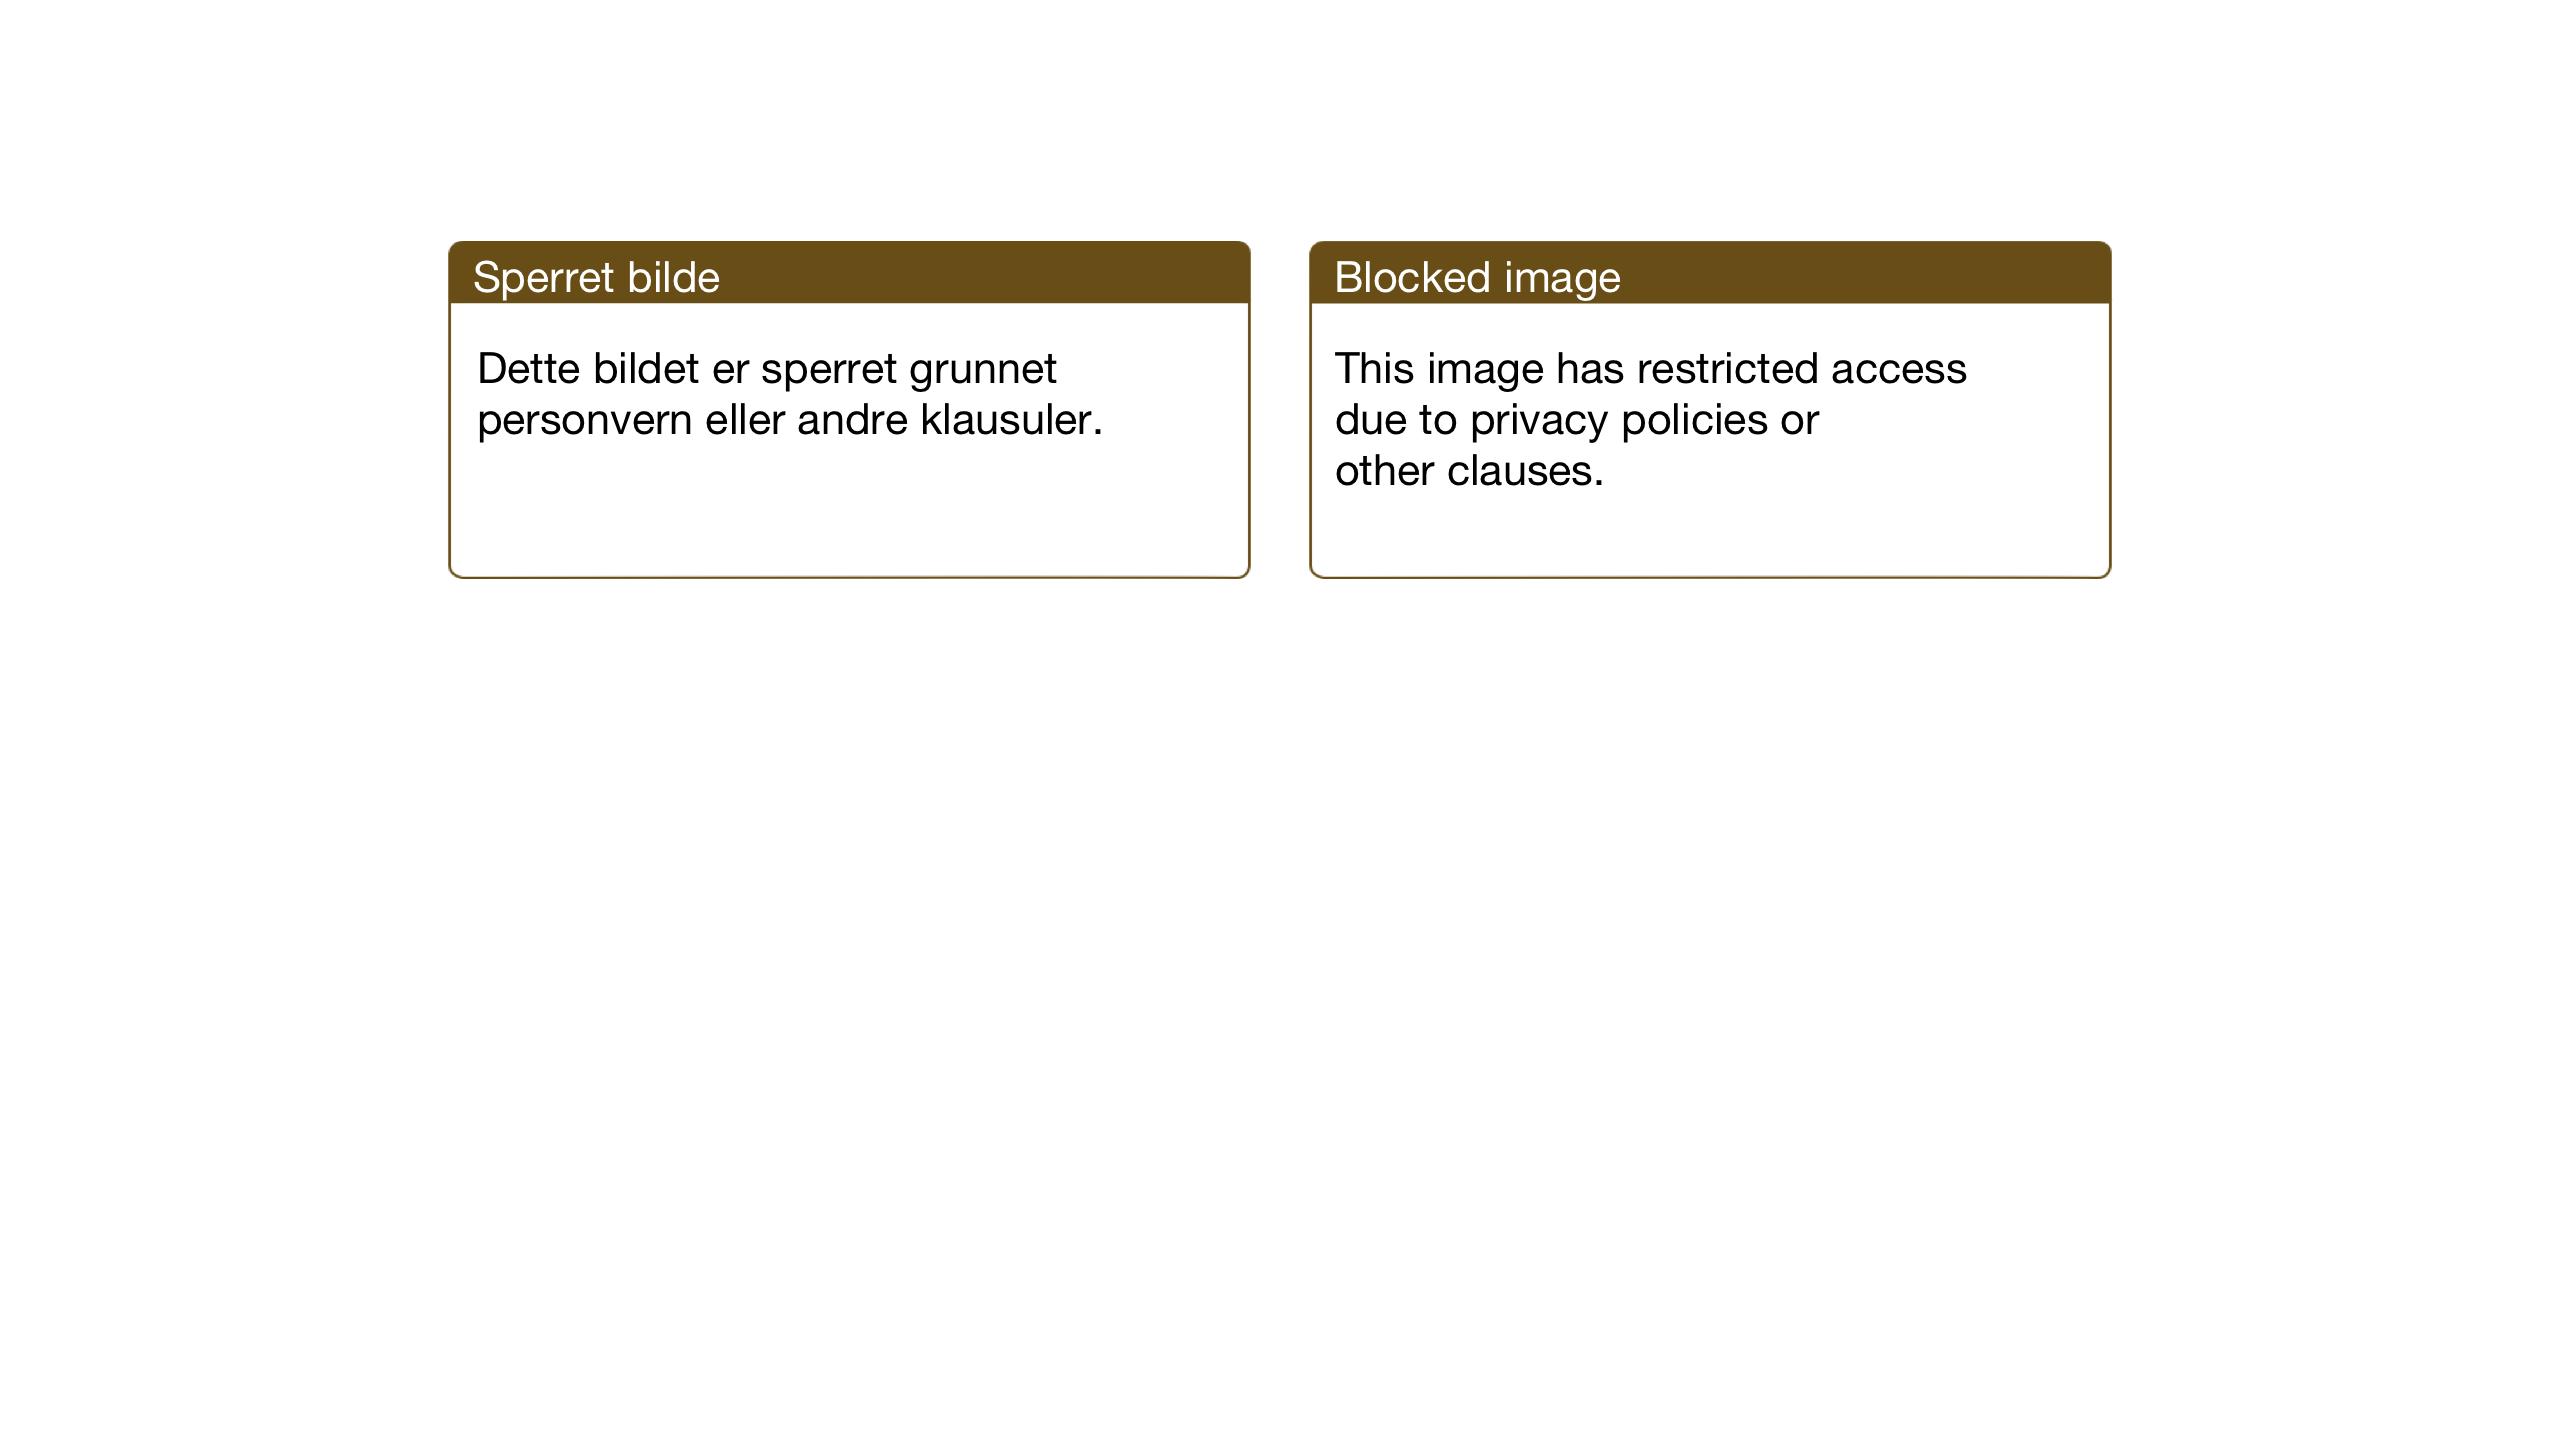 SAT, Ministerialprotokoller, klokkerbøker og fødselsregistre - Sør-Trøndelag, 637/L0563: Klokkerbok nr. 637C04, 1899-1940, s. 92